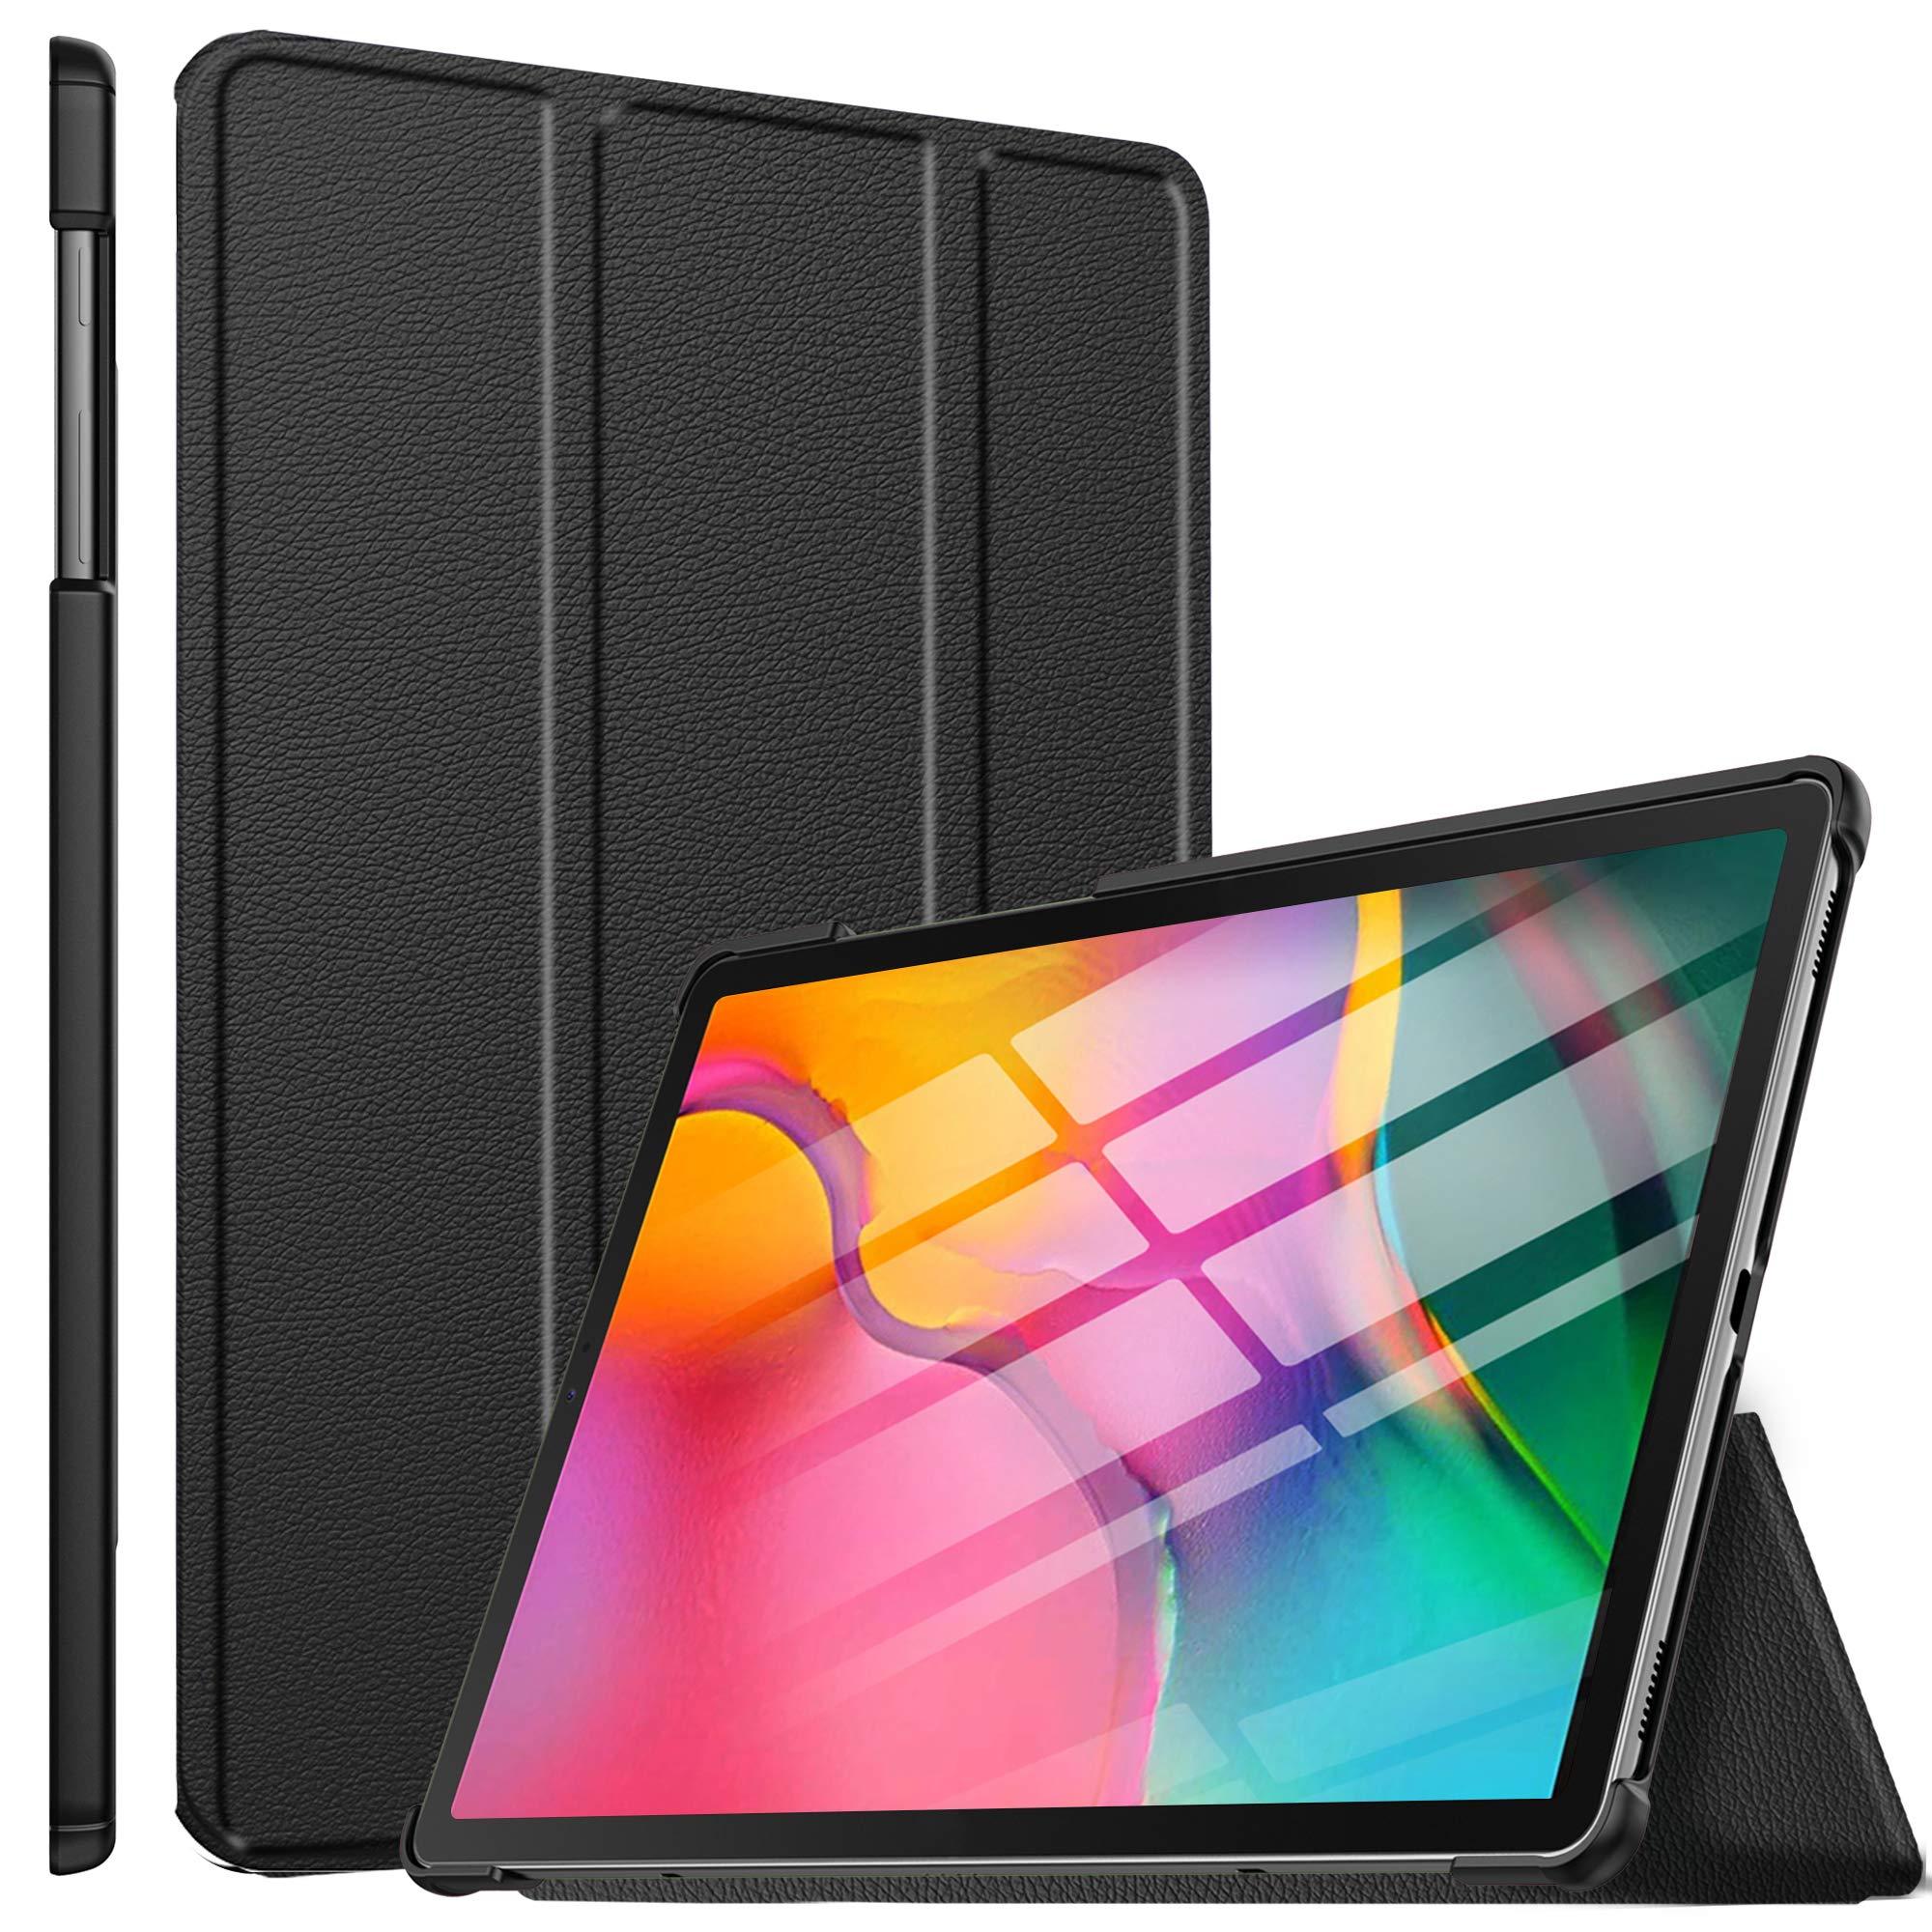 ELTD Funda Carcasa para Samsung Galaxy Tab A T510/T515 10.1 2019, Ultra Delgado Stand Función Smart Fundas Duras Cover Case para Samsung Galaxy Tab A 10.1 T510/T515 2019 Tableta, (Negro): Amazon.es: Electrónica